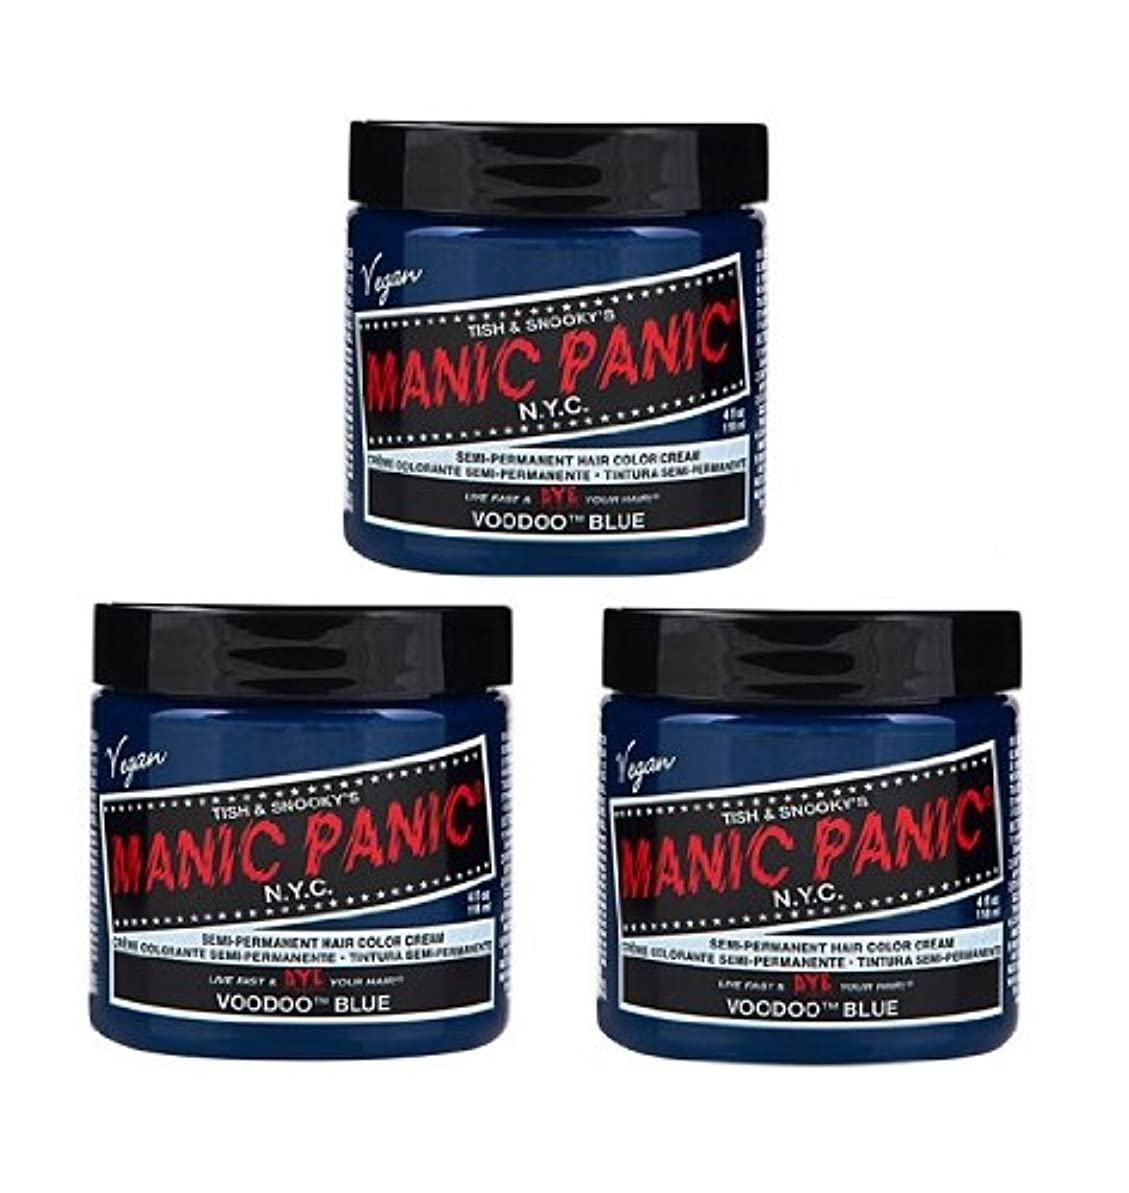 マリン擬人不機嫌そうな【3個セット】MANIC PANIC マニックパニック Voodoo Blue ブードゥーブルー 118ml